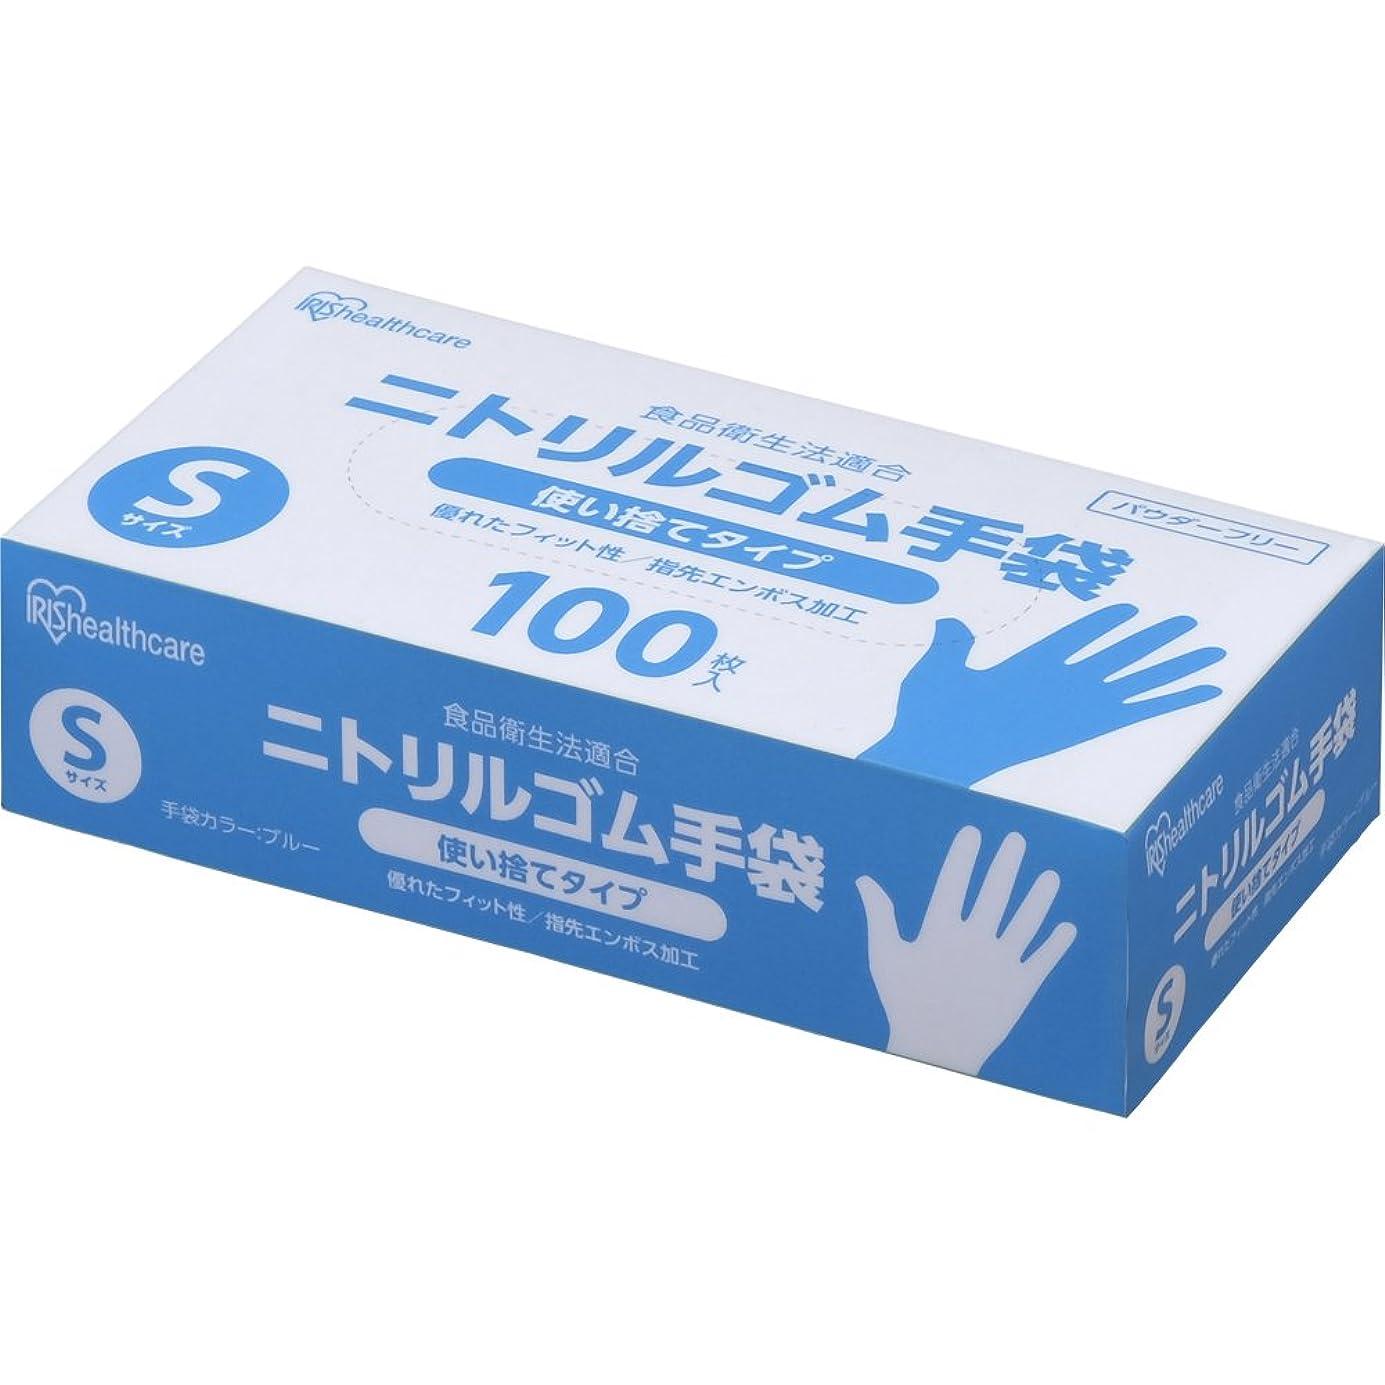 加害者香り追い出すアイリスオーヤマ 使い捨て手袋 ブルー ニトリルゴム 100枚 Sサイズ 業務用